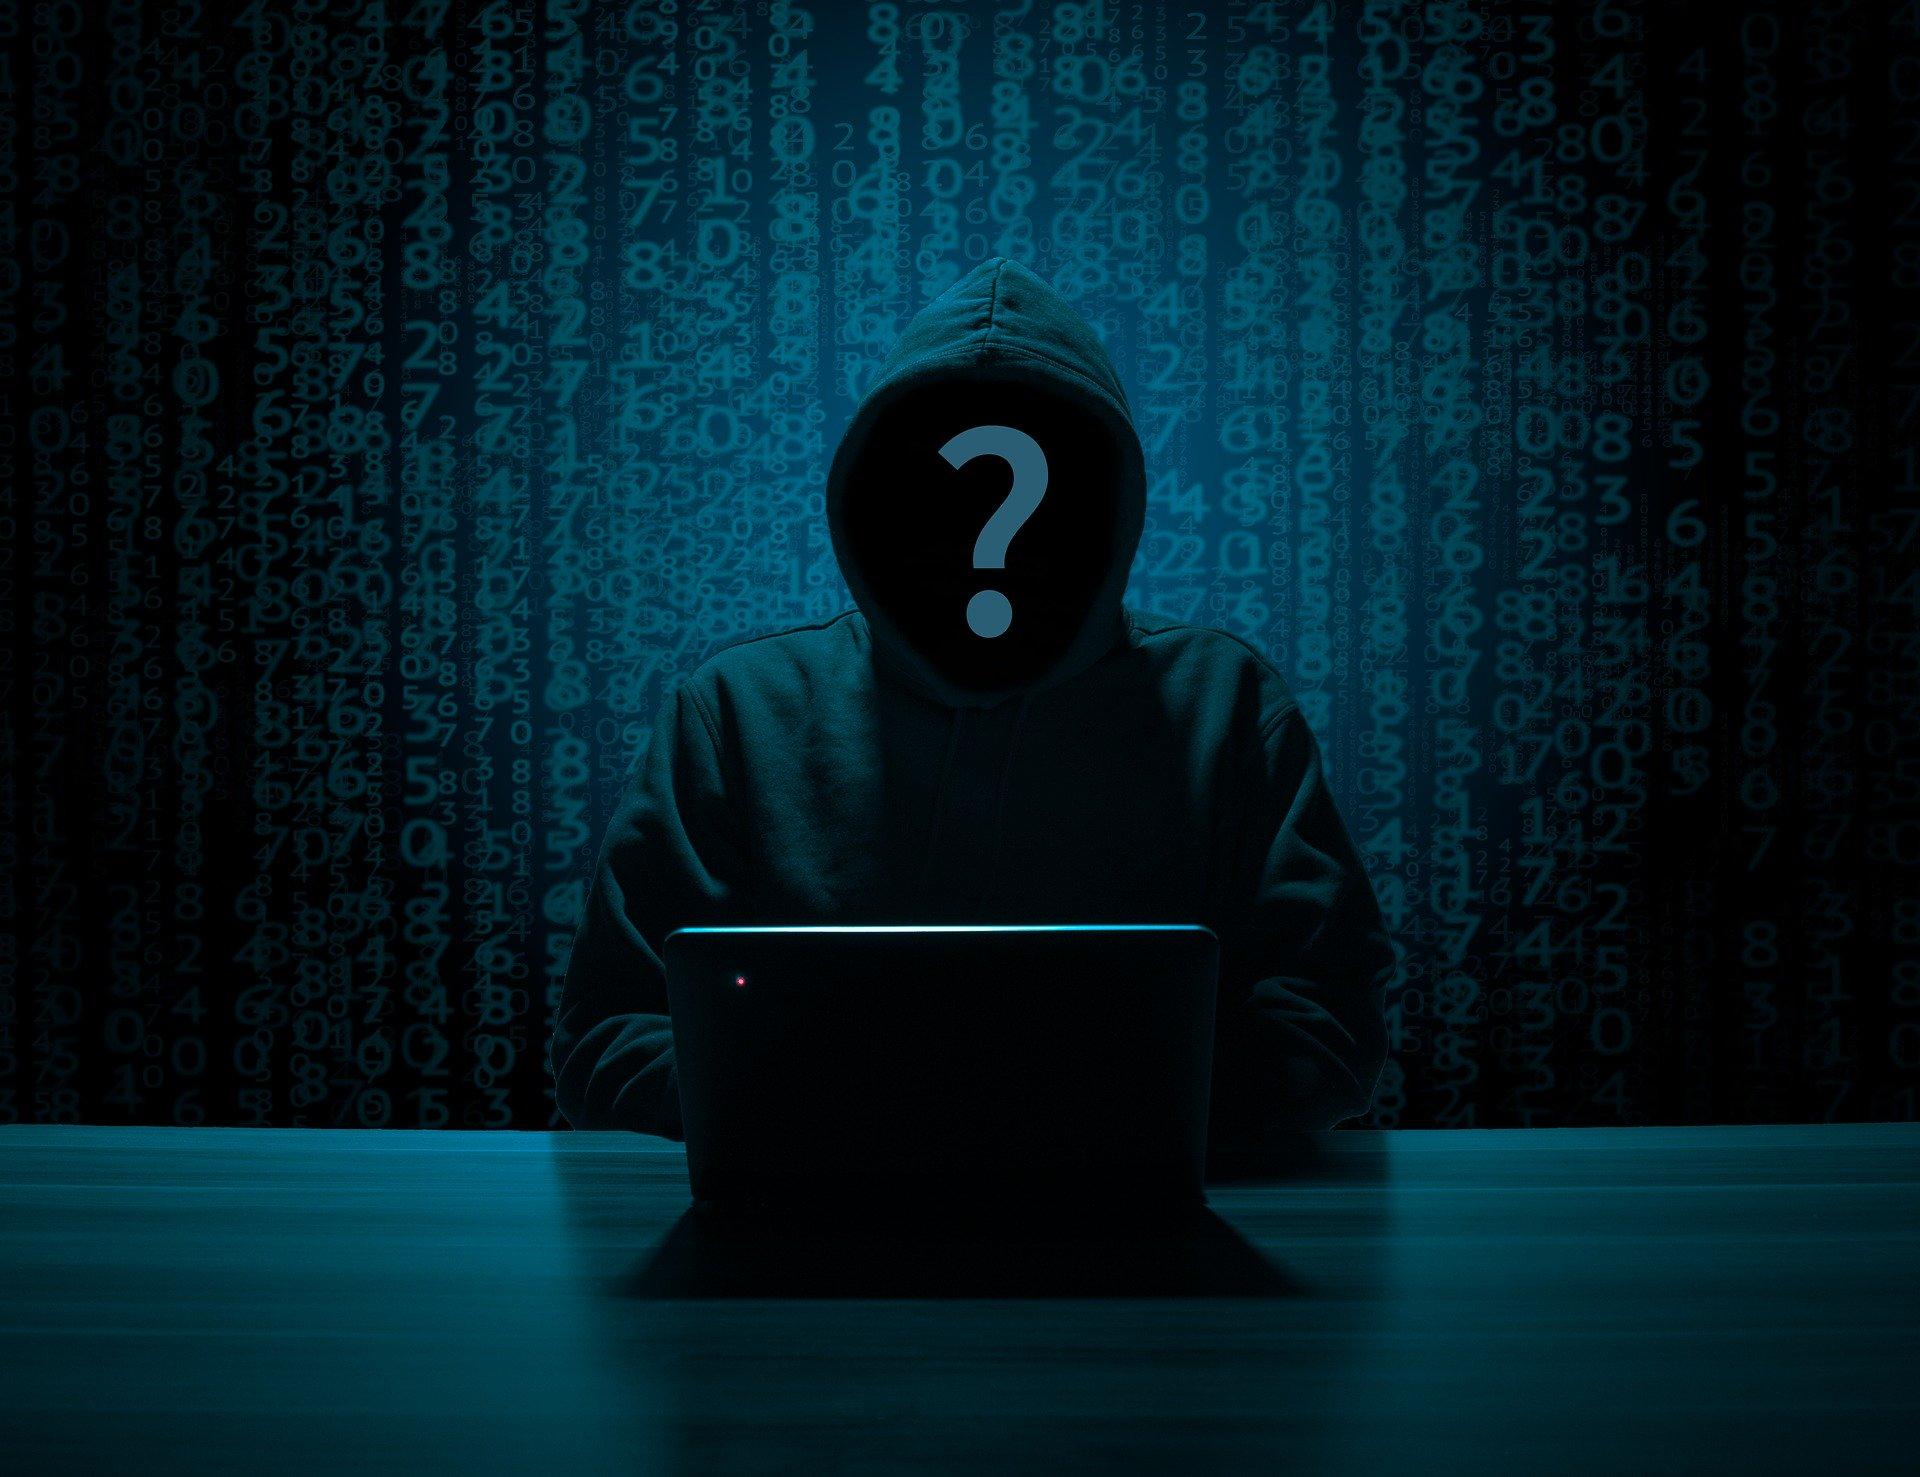 hacker-3342696_1920_1